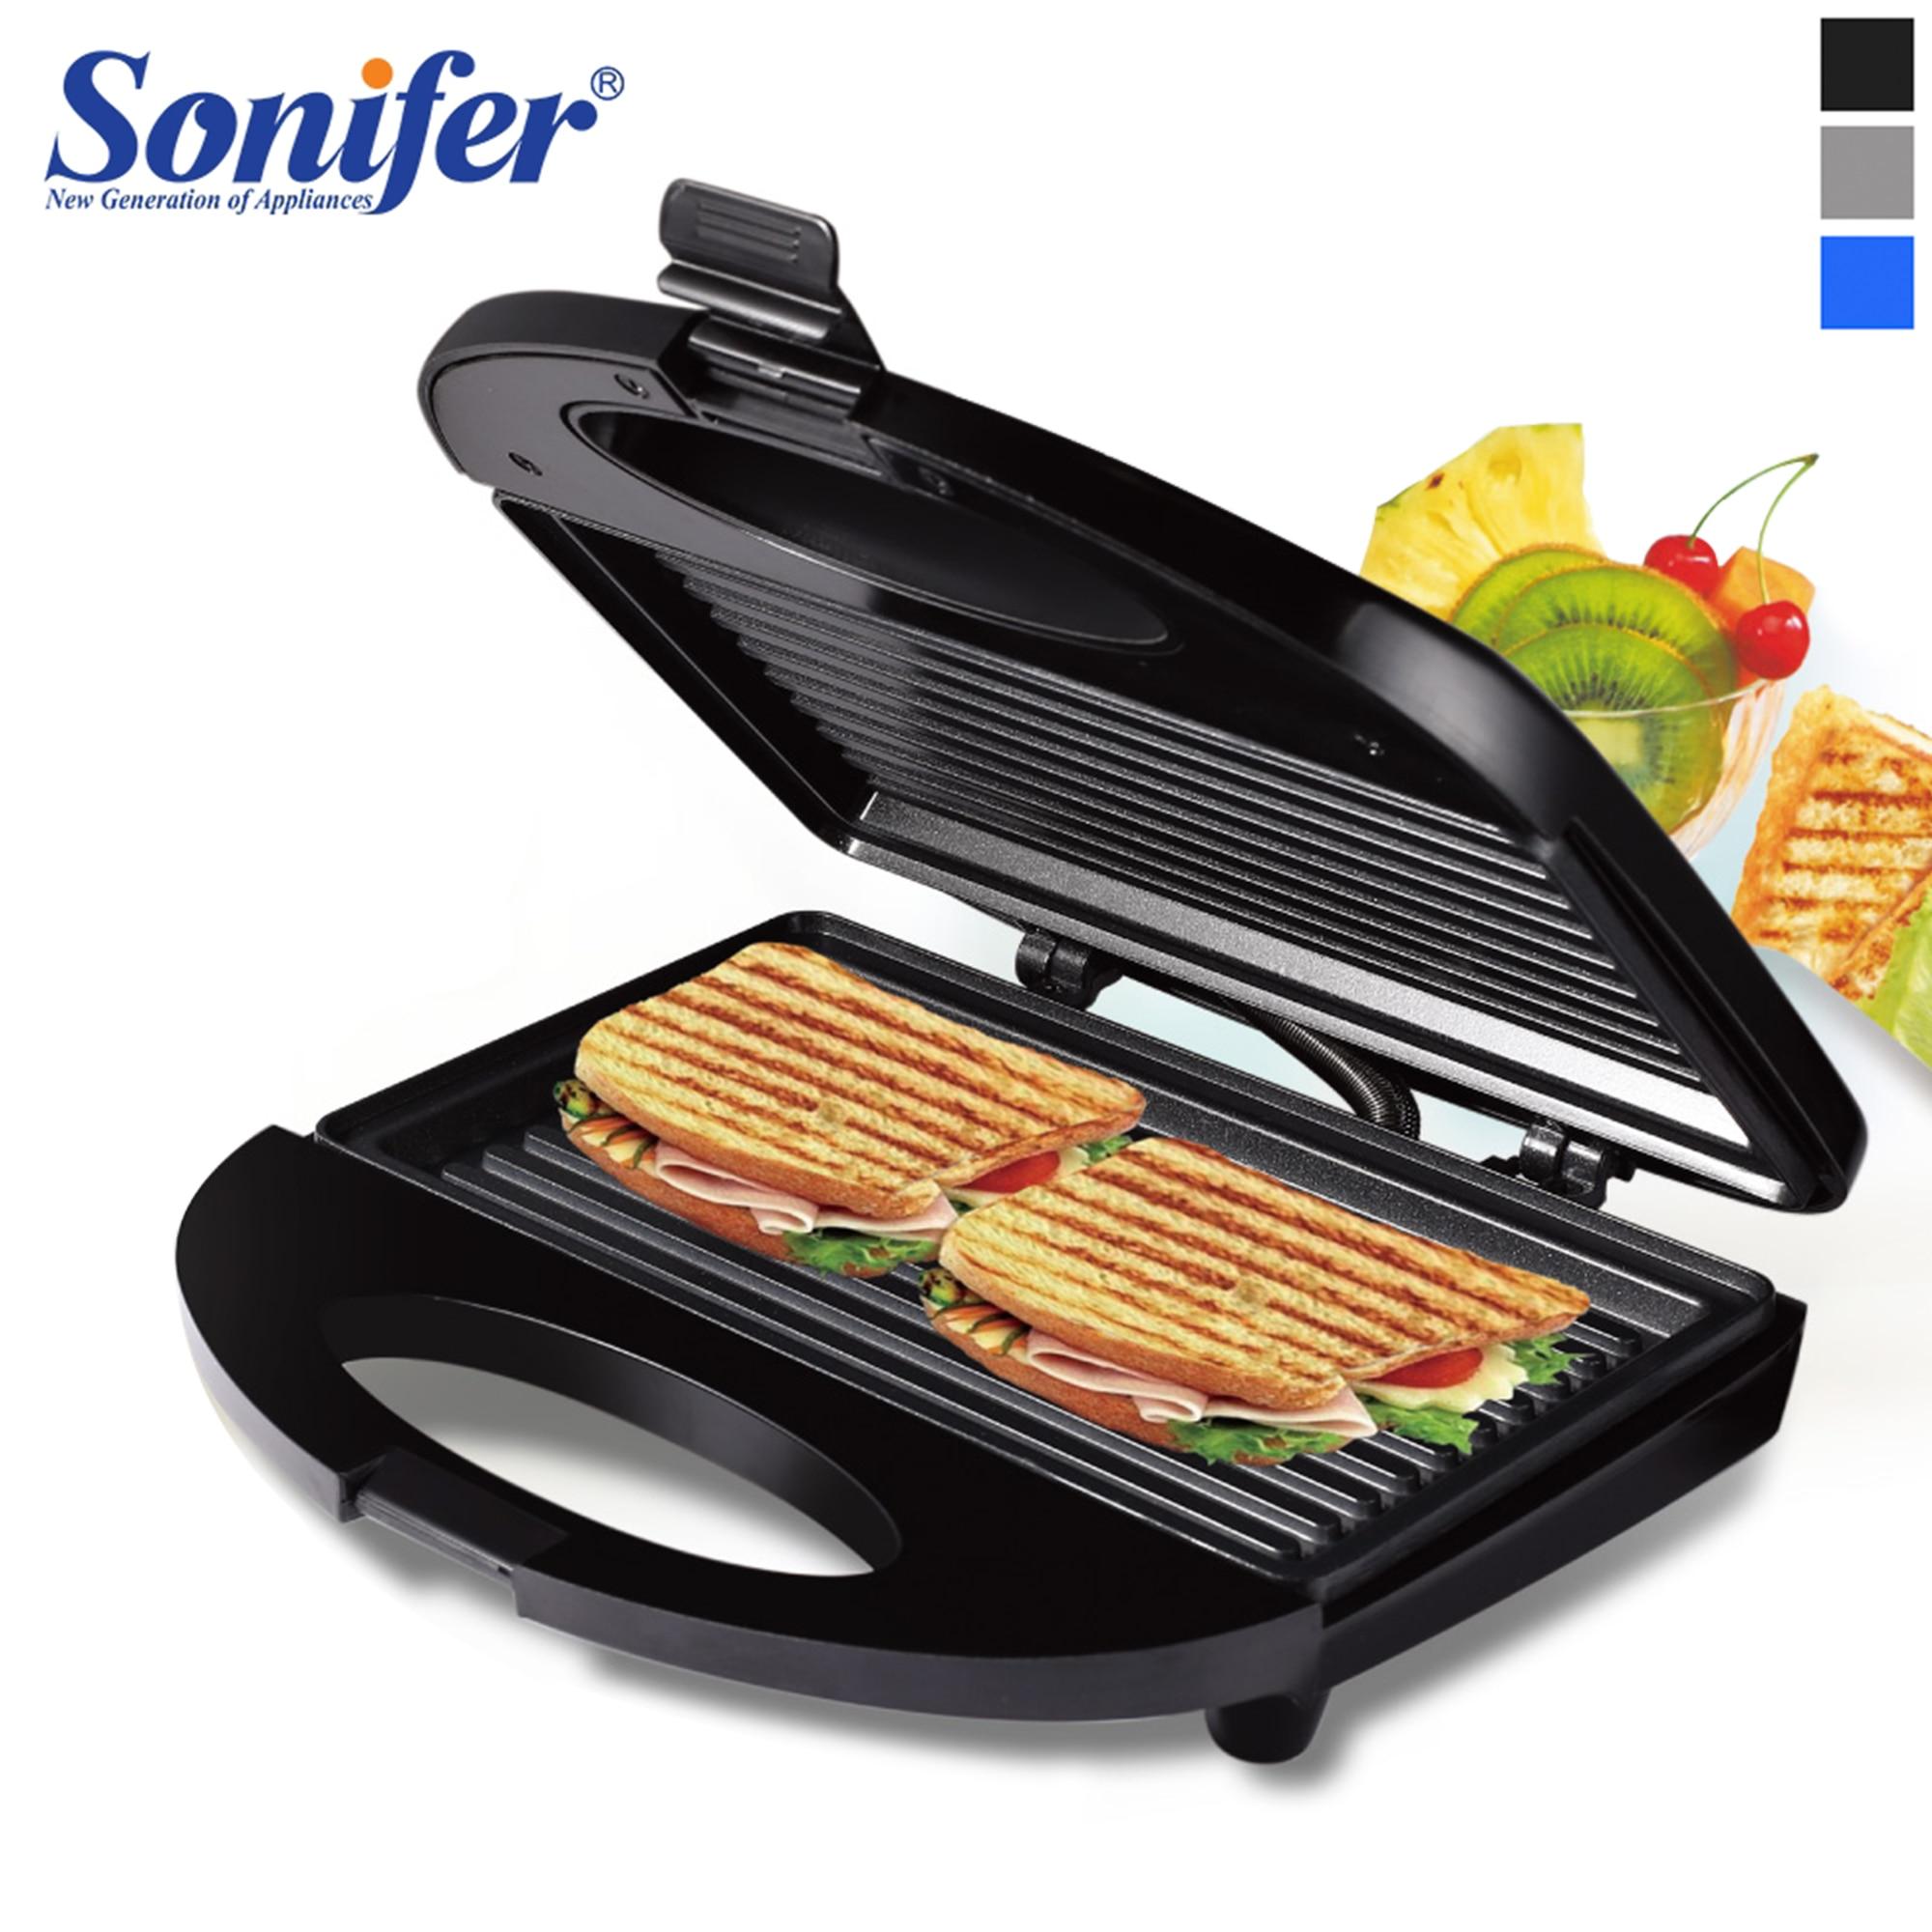 Электрическая вафельная машина для приготовления железных сэндвичей, машина для приготовления пузырчатых яиц, печь для торта, вафельная машина для завтрака, 220 В, Sonifer